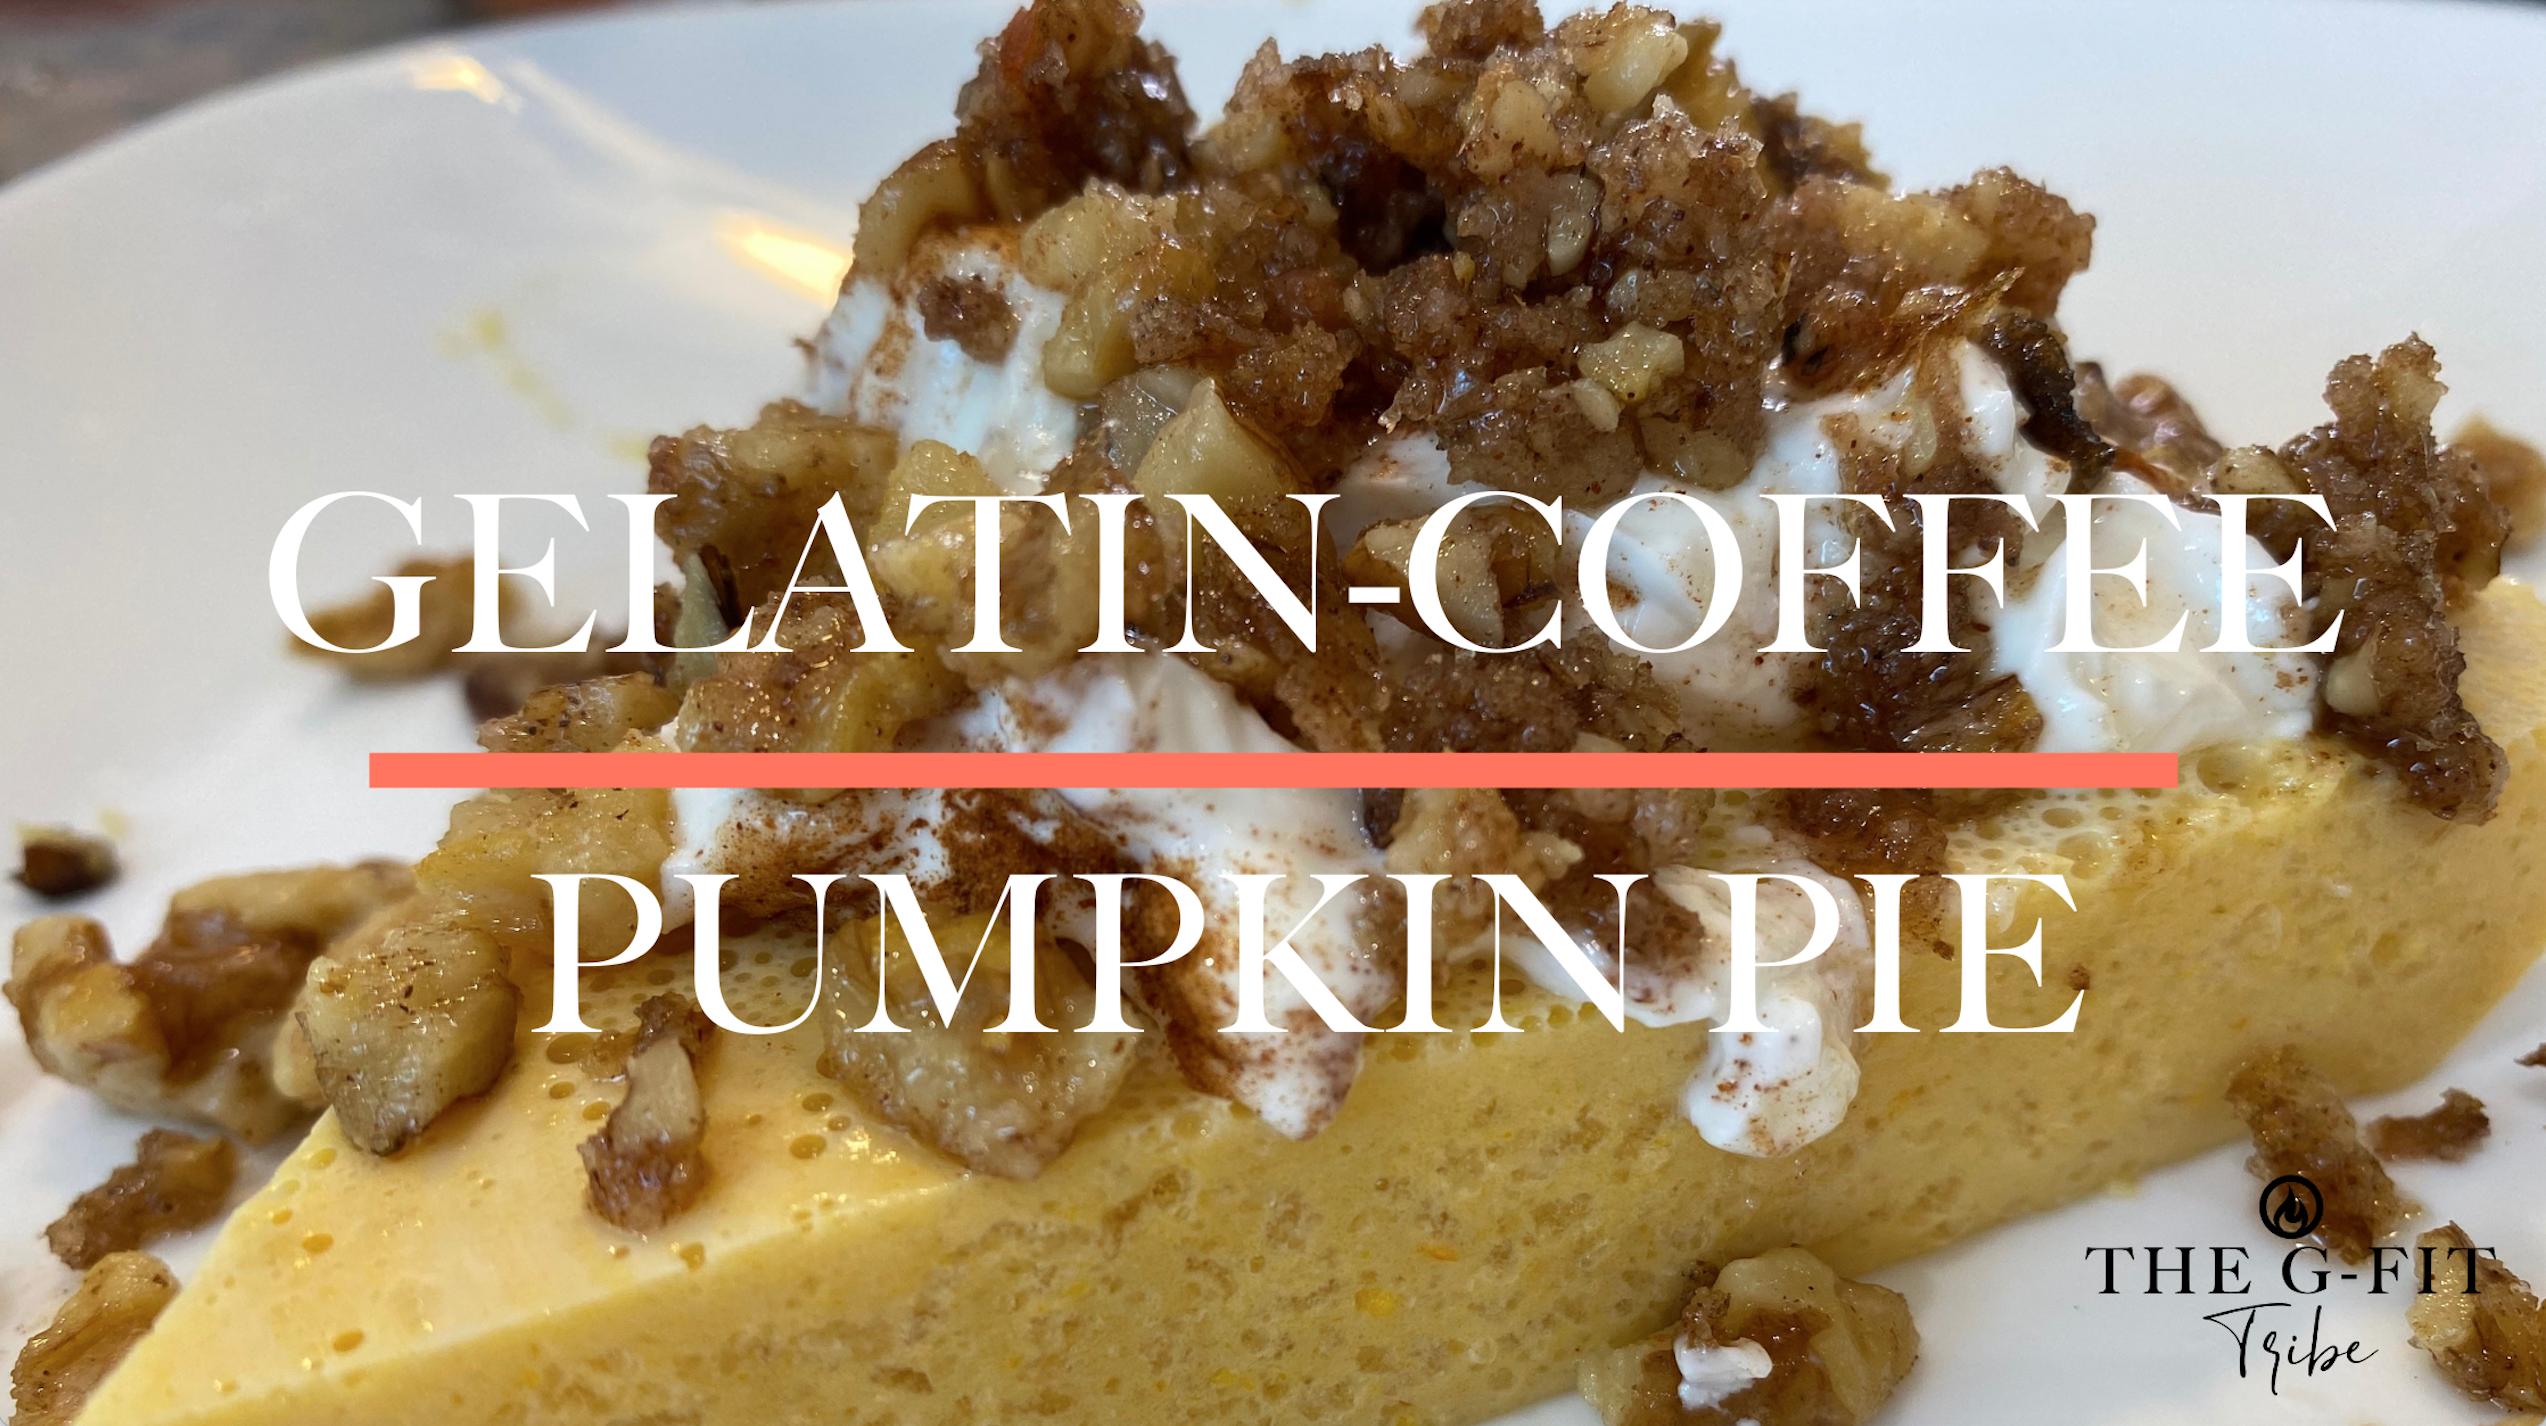 Gelatin Coffee Pumpkin Pie